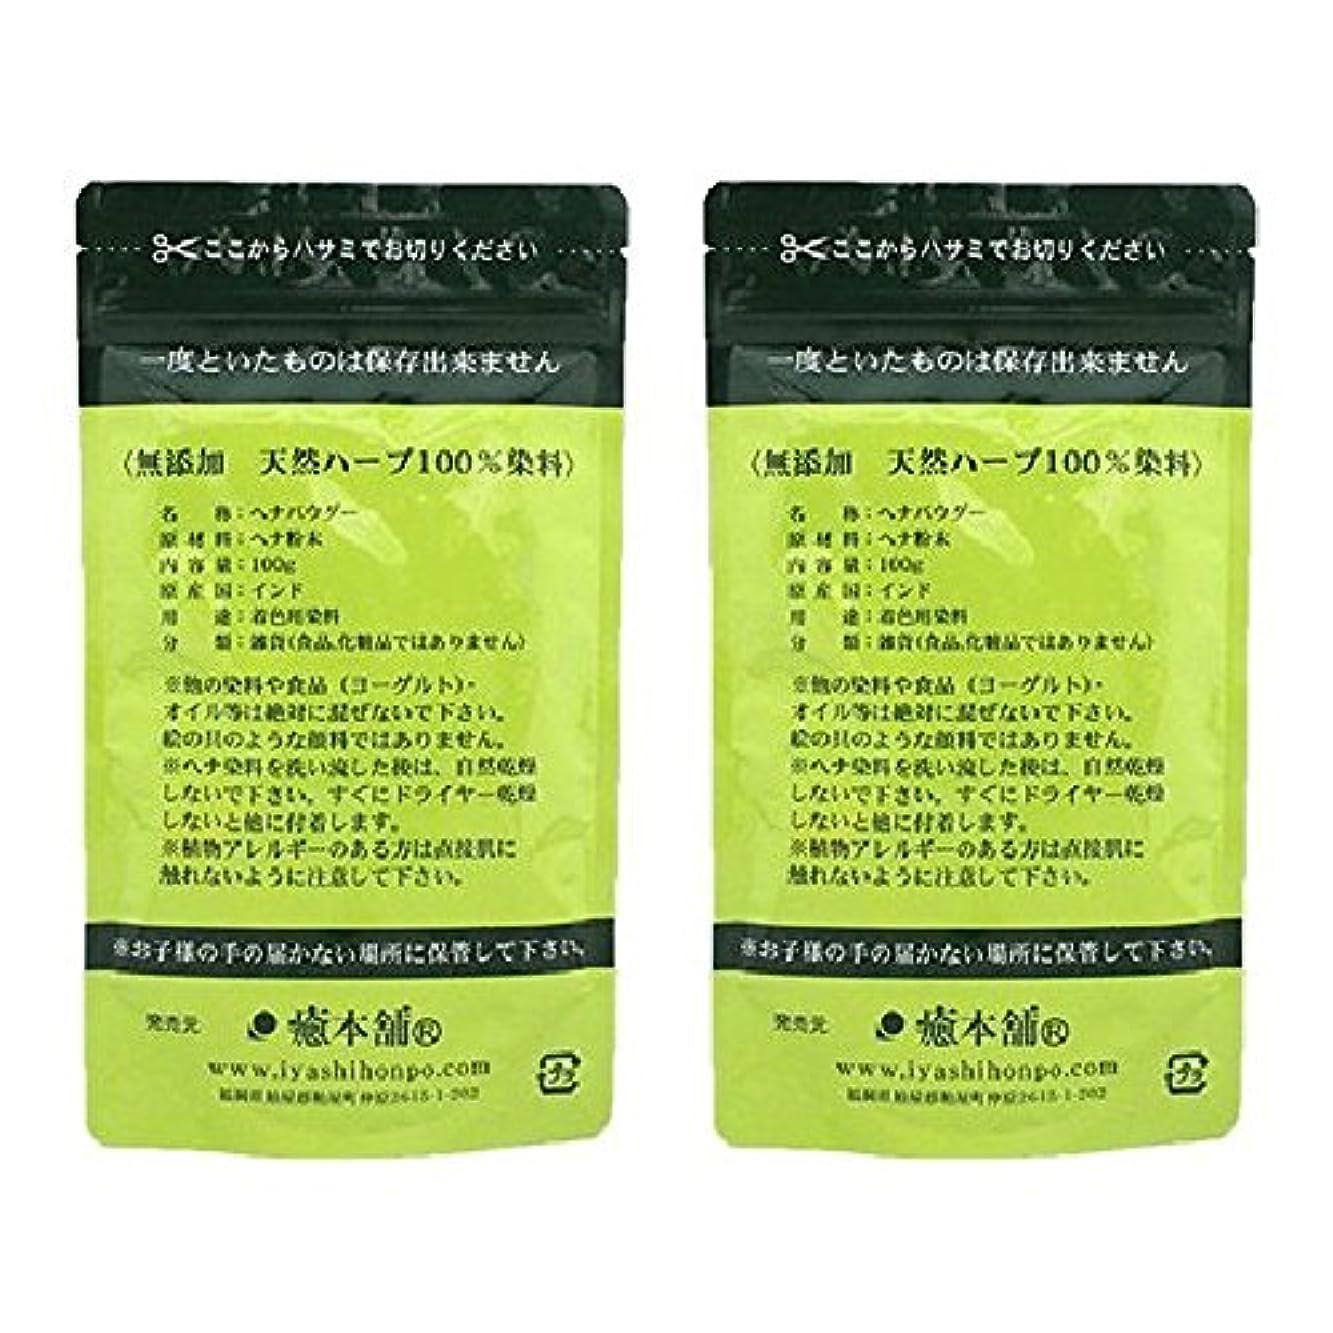 吸収スナックマイクロフォン天然染料100% 癒本舗 ヘナ 100g×2個セット 白髪染め ノンシリコン ヘアカラー ヘナカラー